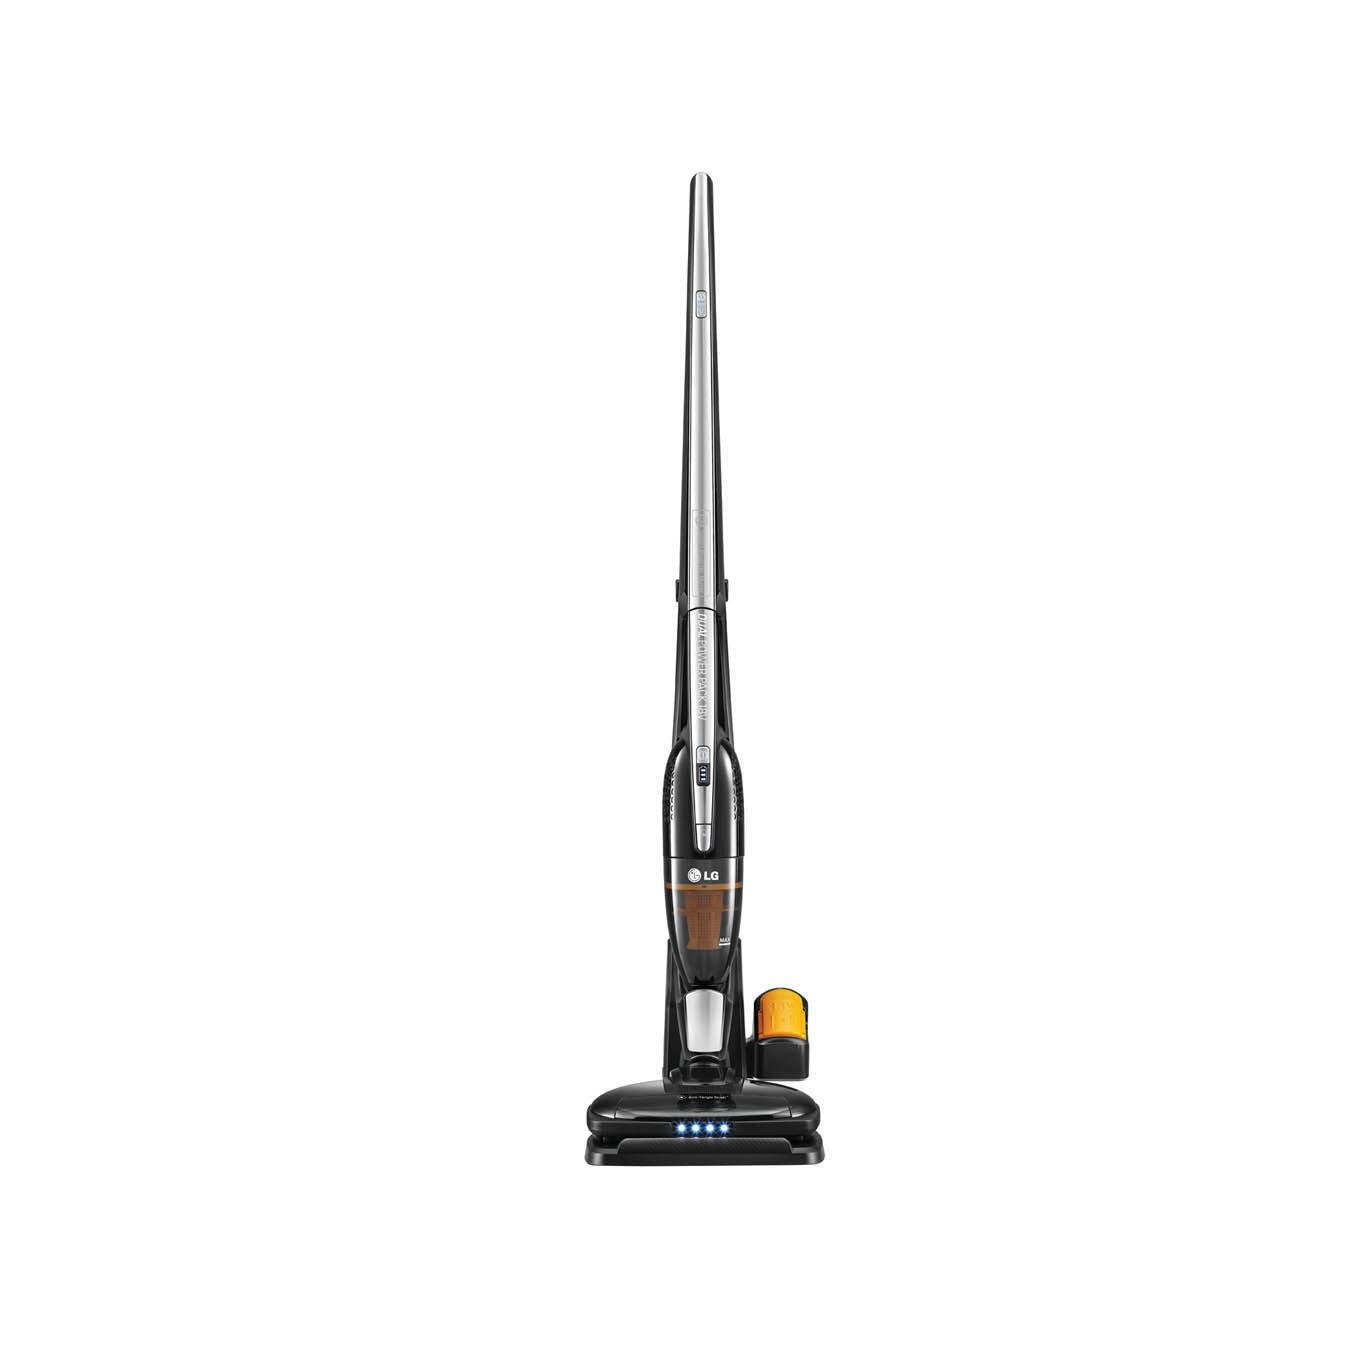 LG 直立式 無線吸塵器 VS8400SCW